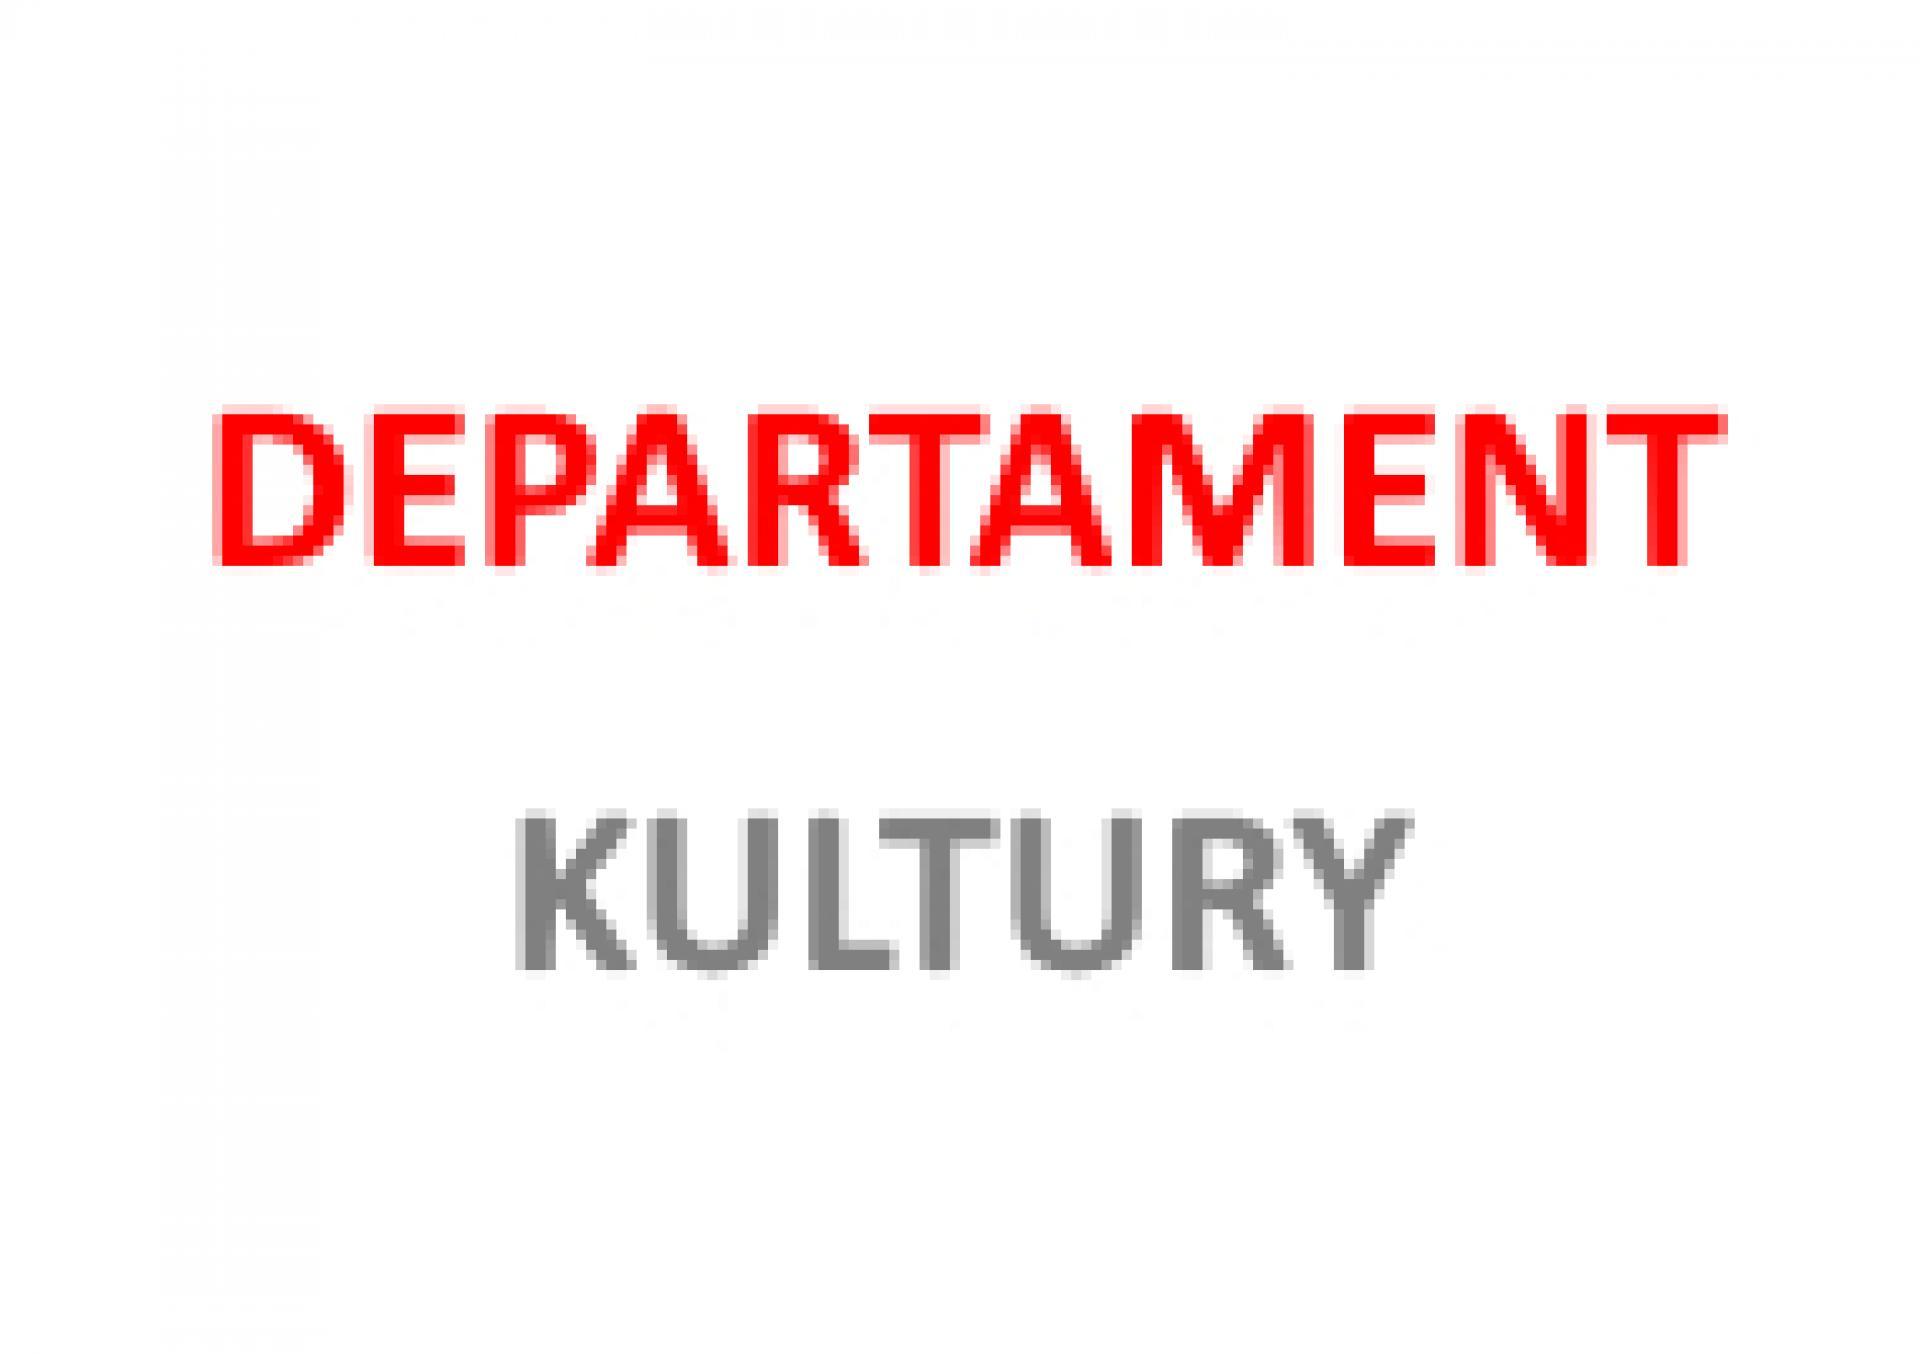 Wyniki konsultacji projektu uchwały Sejmiku w sprawie zmiany statutu Muzeum Ziemiaństwa w Dobrzycy – Zespołu Pałacowo-Parkowego - zobacz więcej